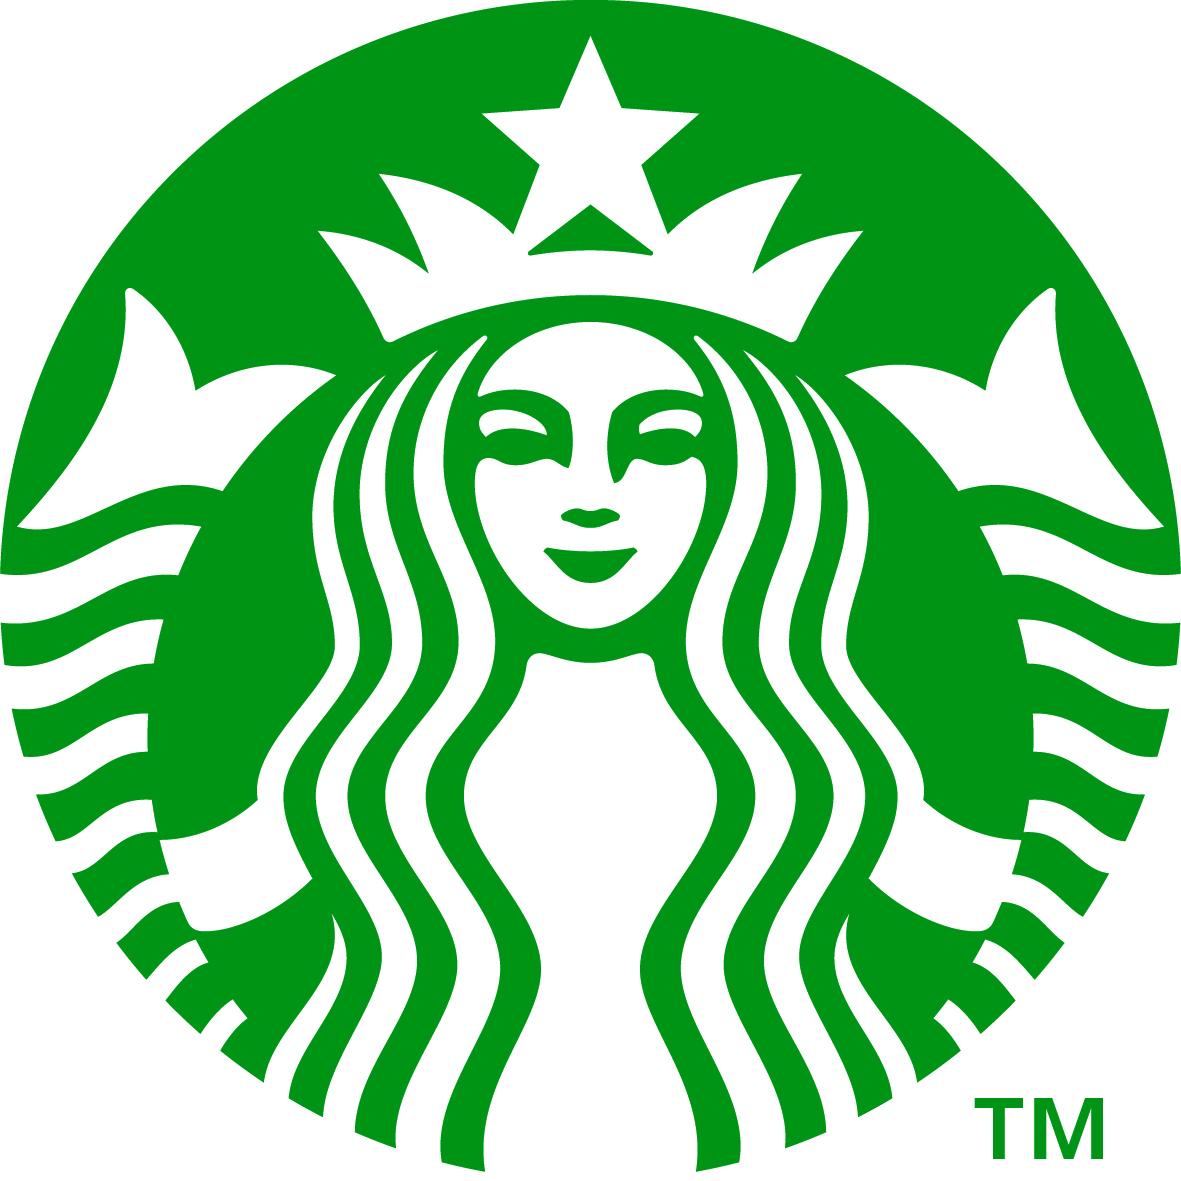 Logotyp_Starbucks